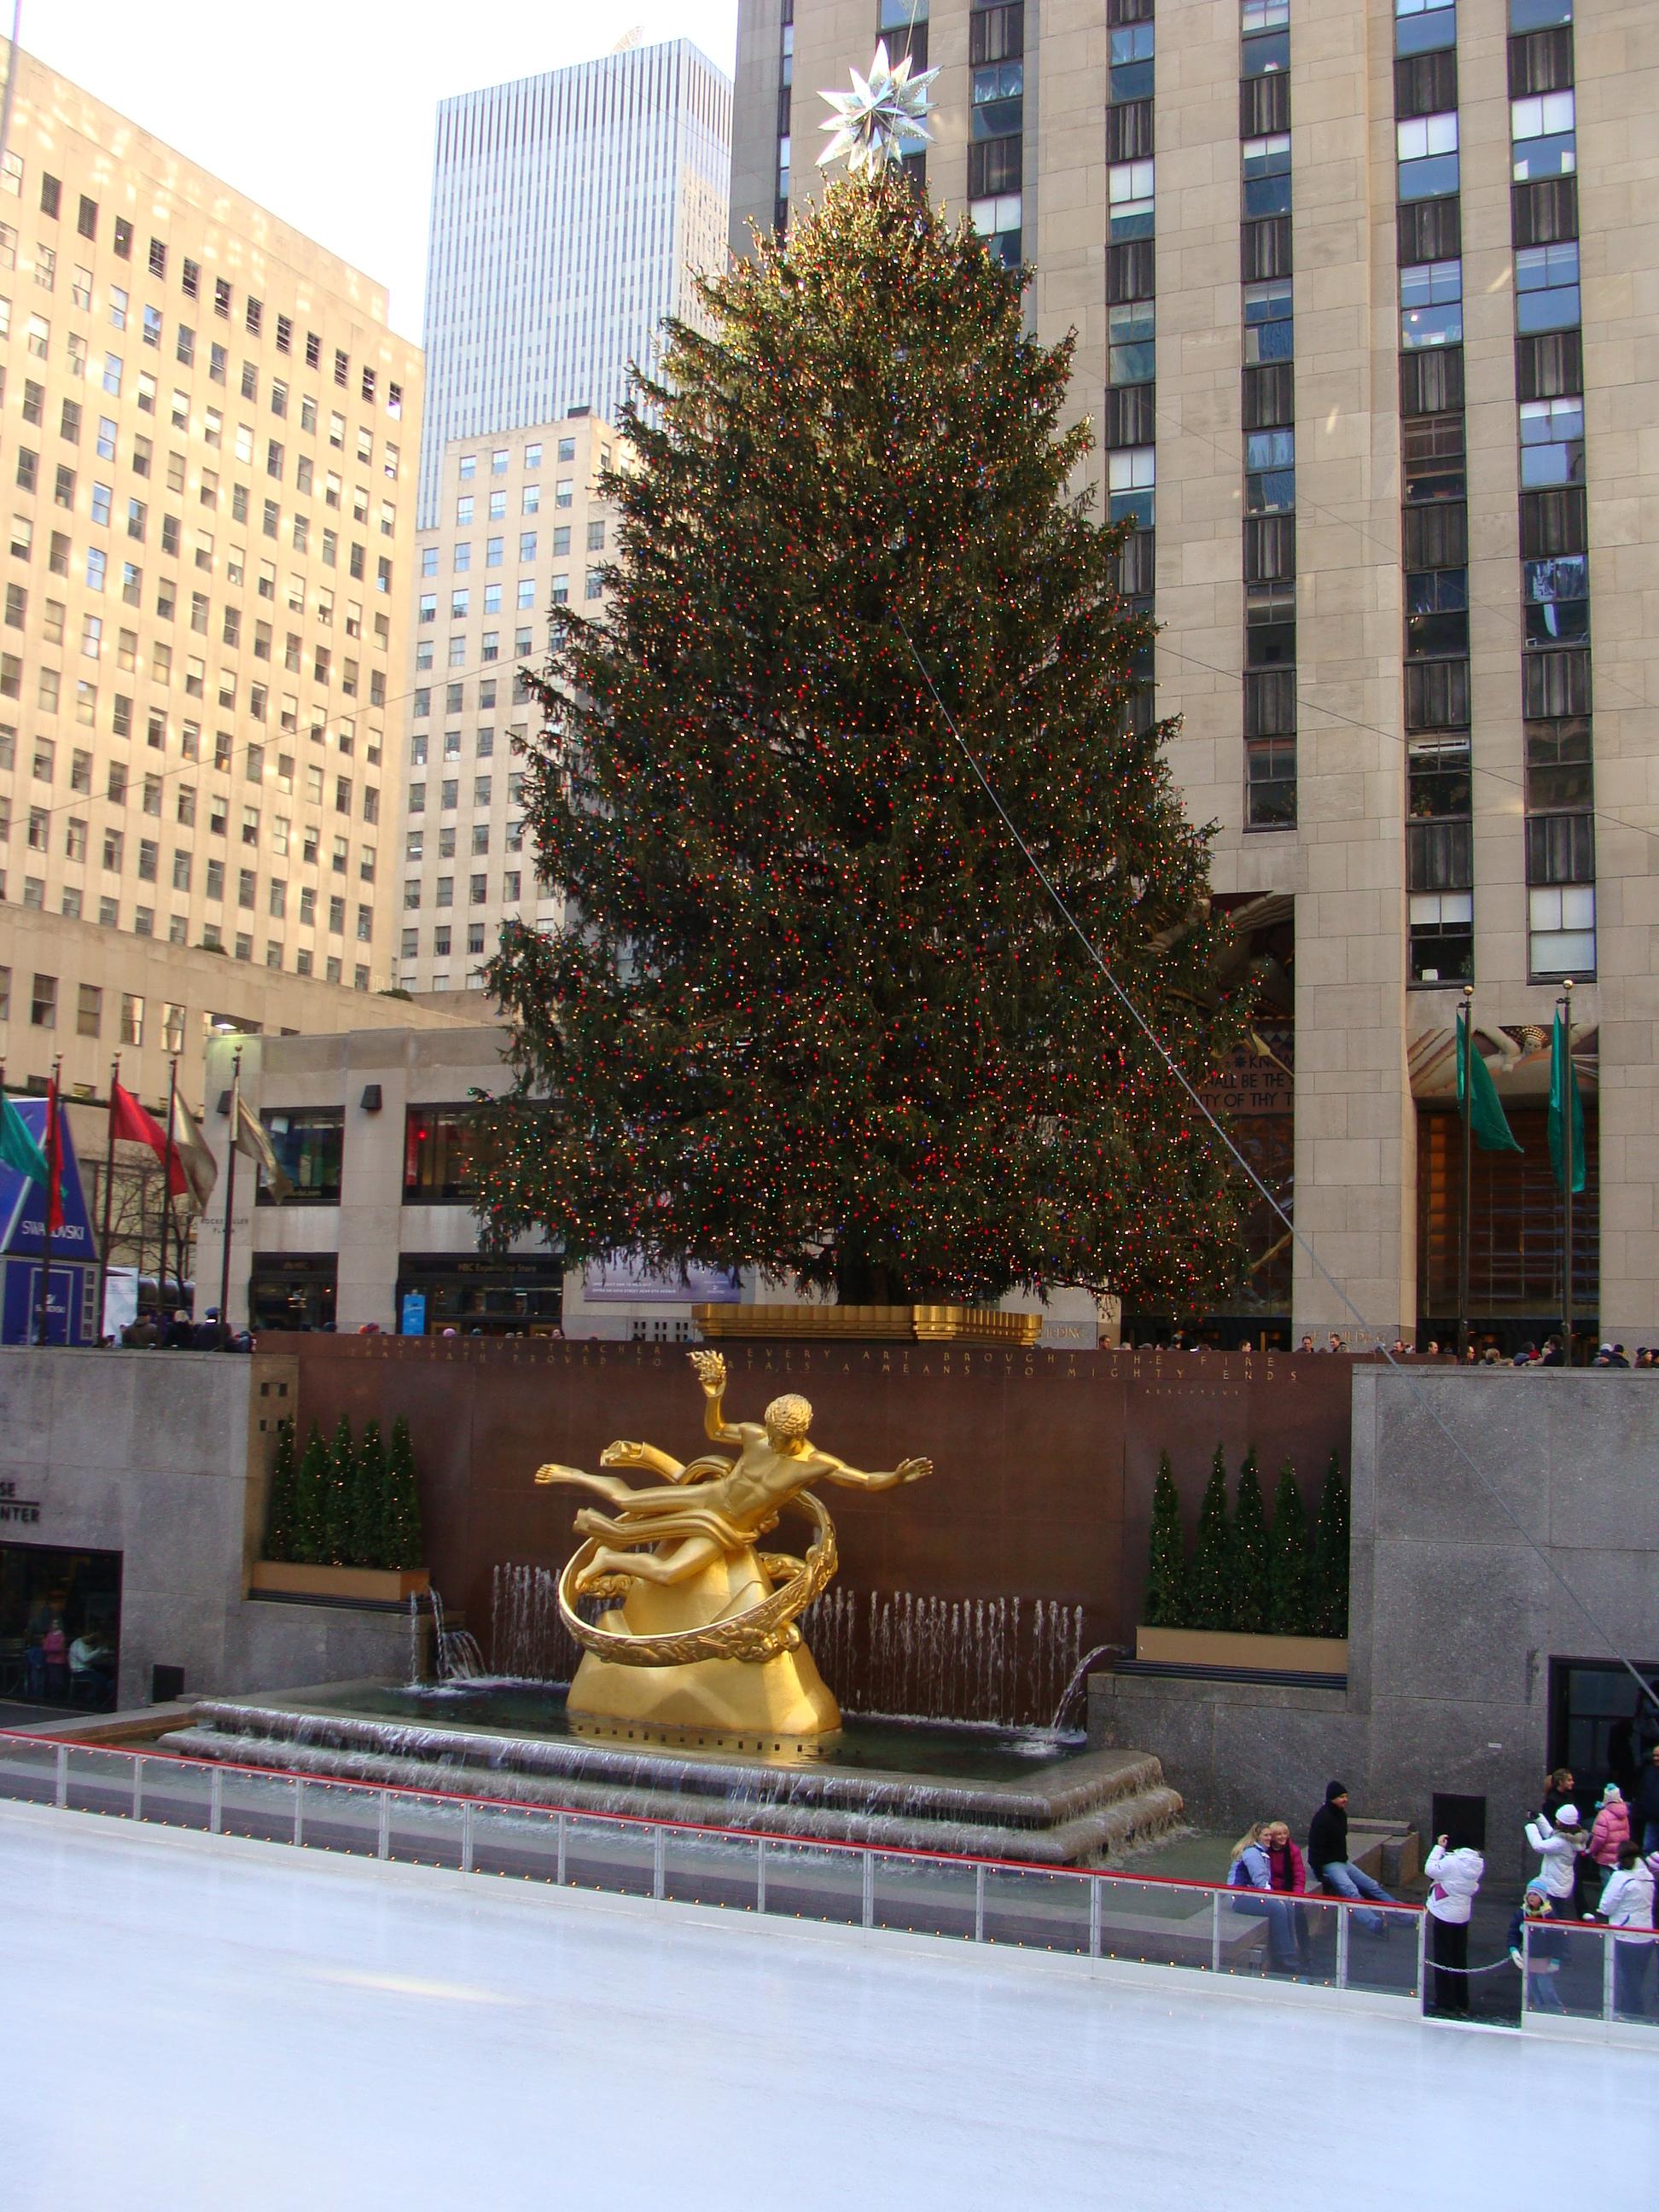 FileRockefeller Plaza ChristmasJPG